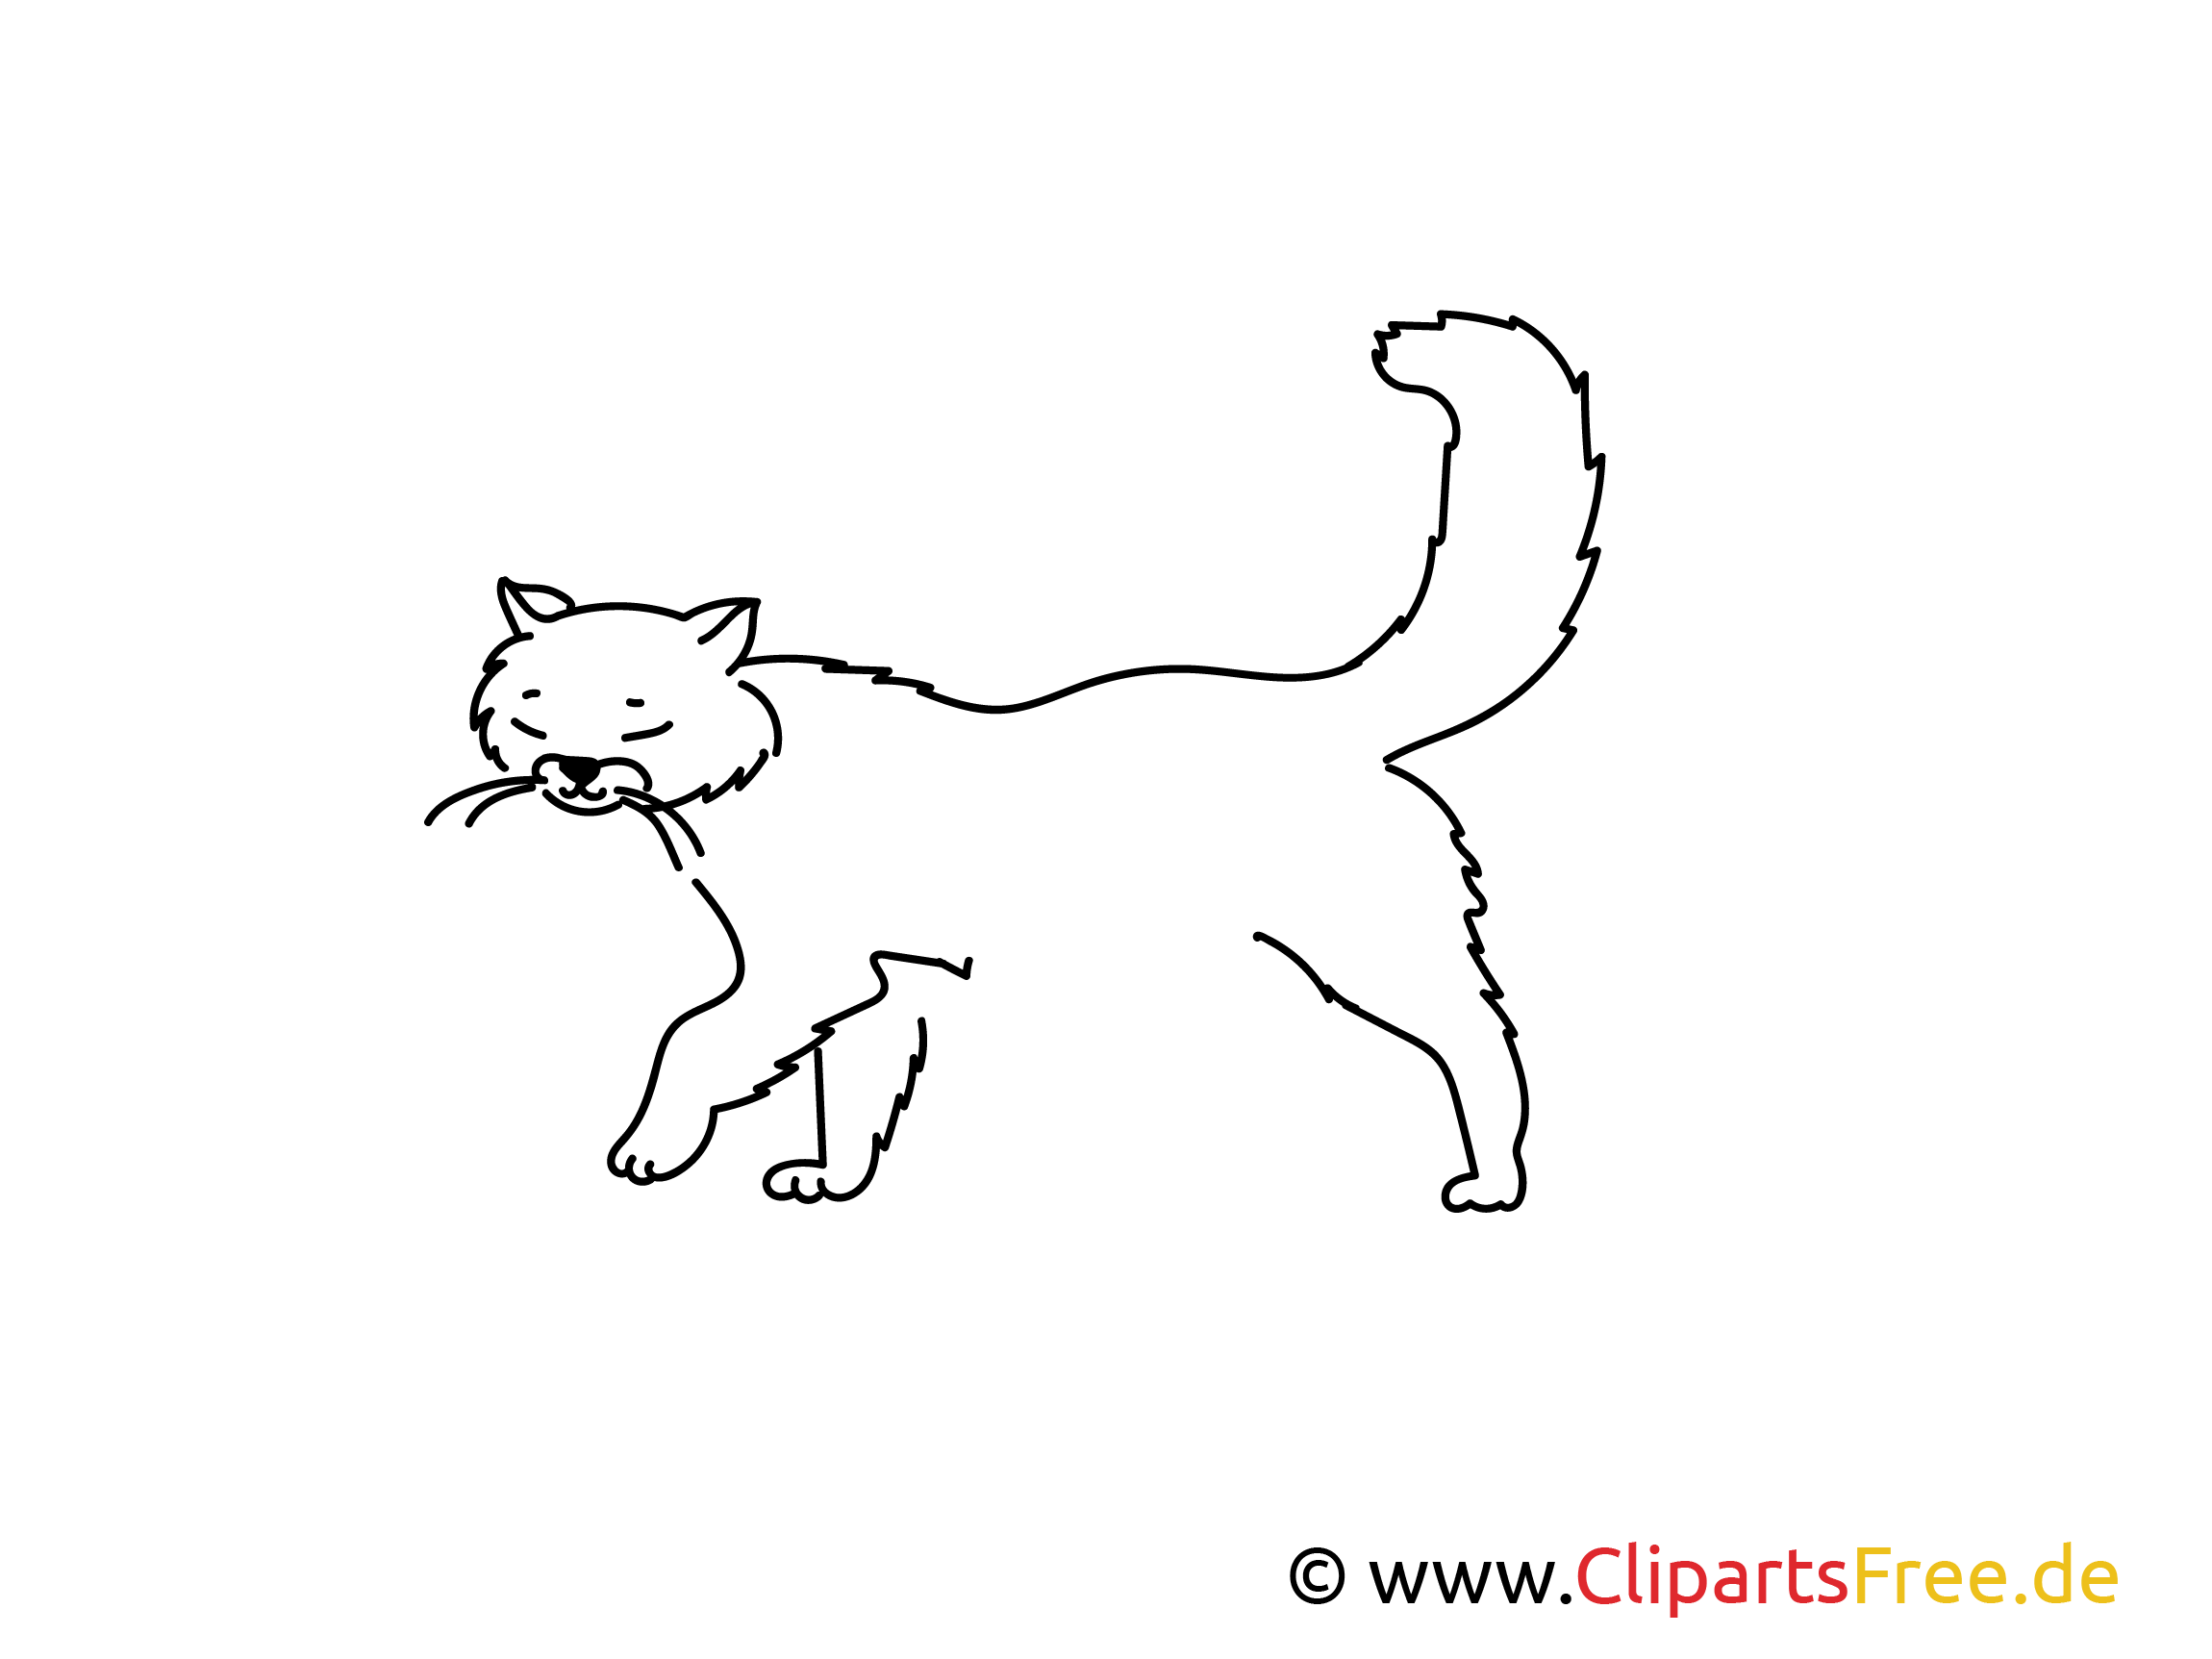 Für Grundschule einfache Weitermal Vorlage Katze